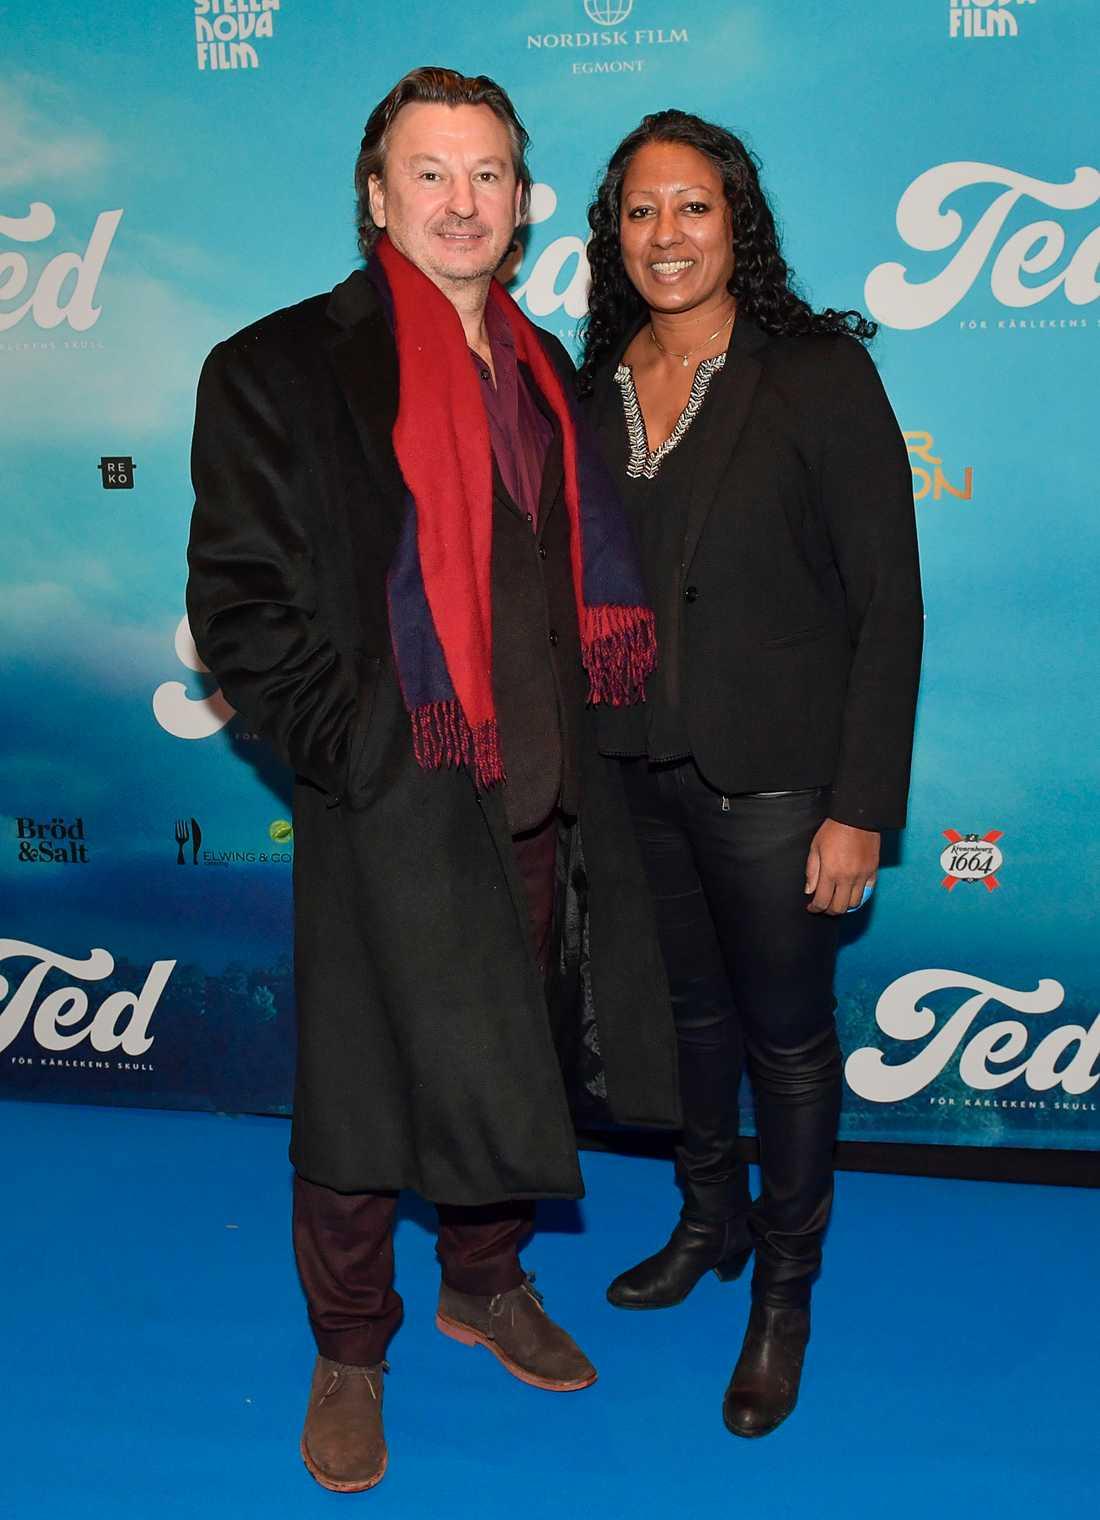 Skådespelaren Anders Ekborg och Lisa Lind.